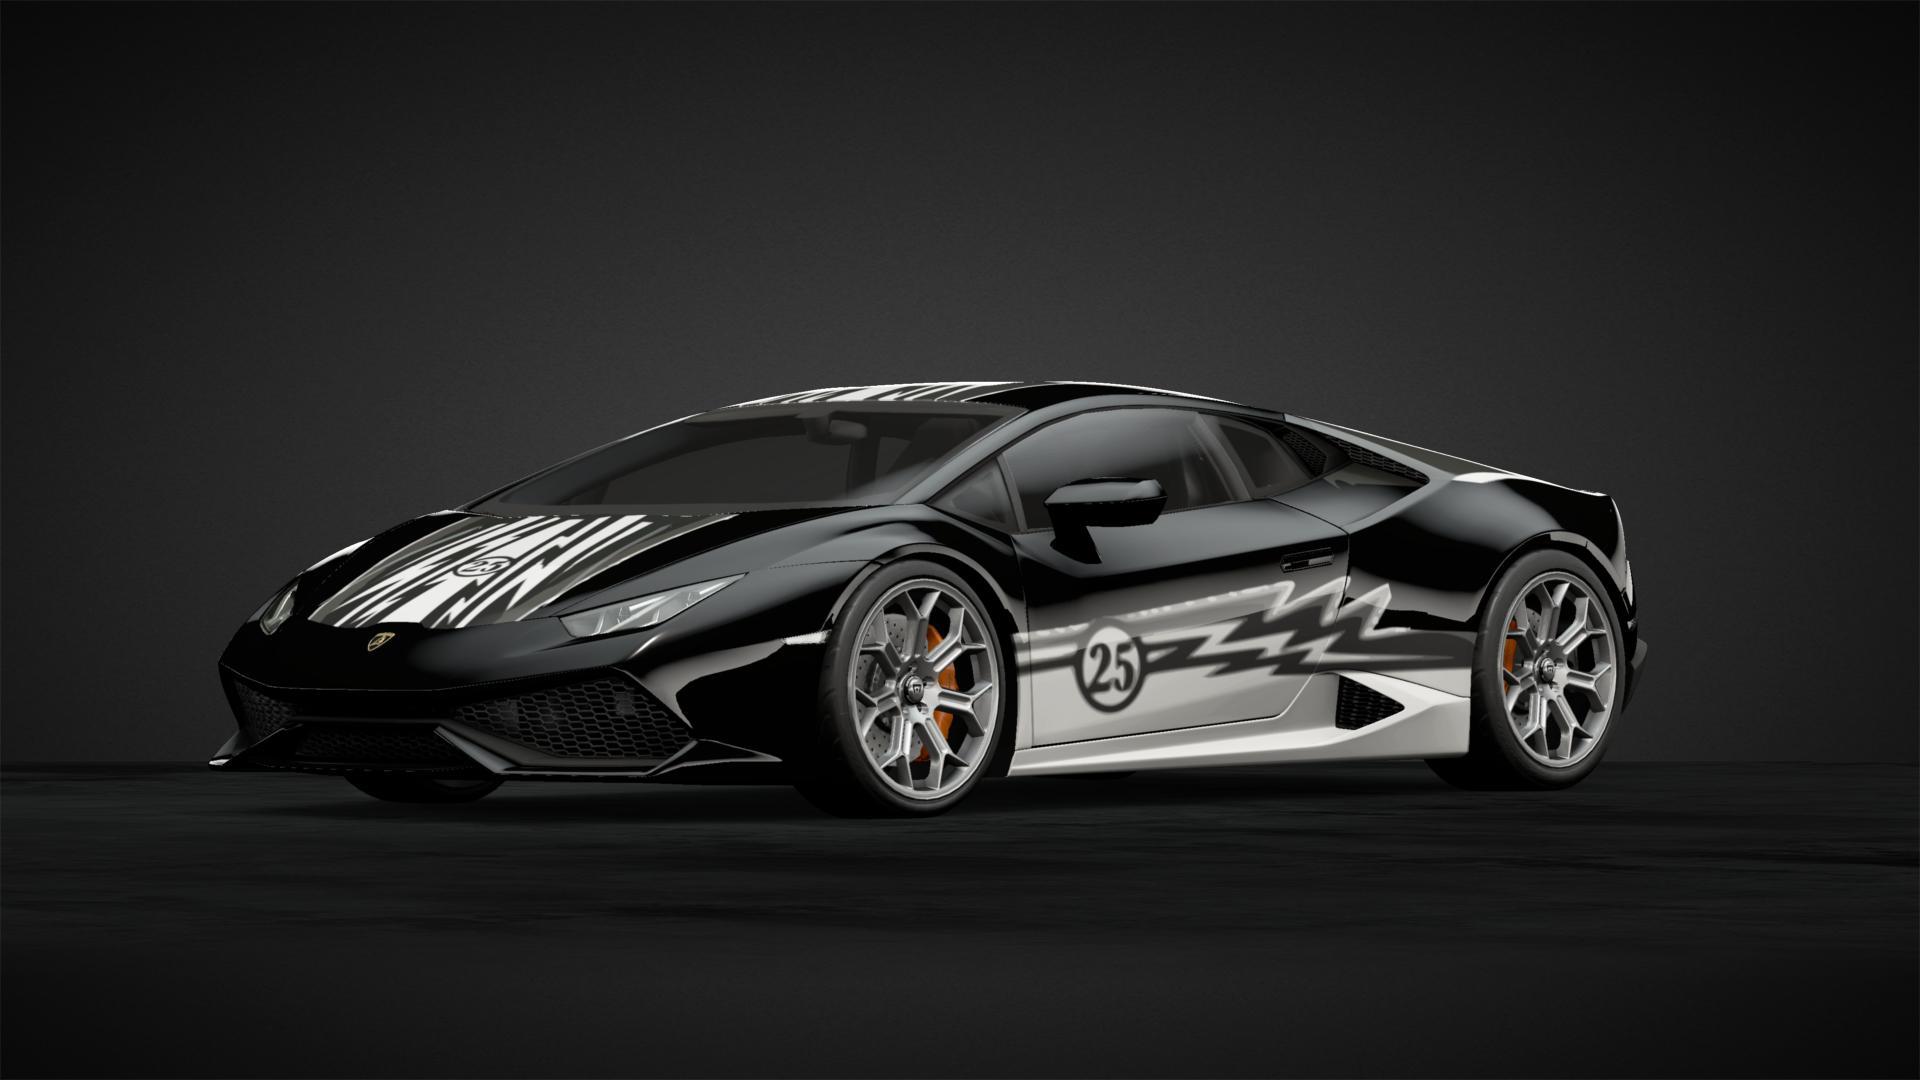 Nfs Carbon Sal Lamborghini Car Livery By El Diego Xd Community Gran Turismo Sport